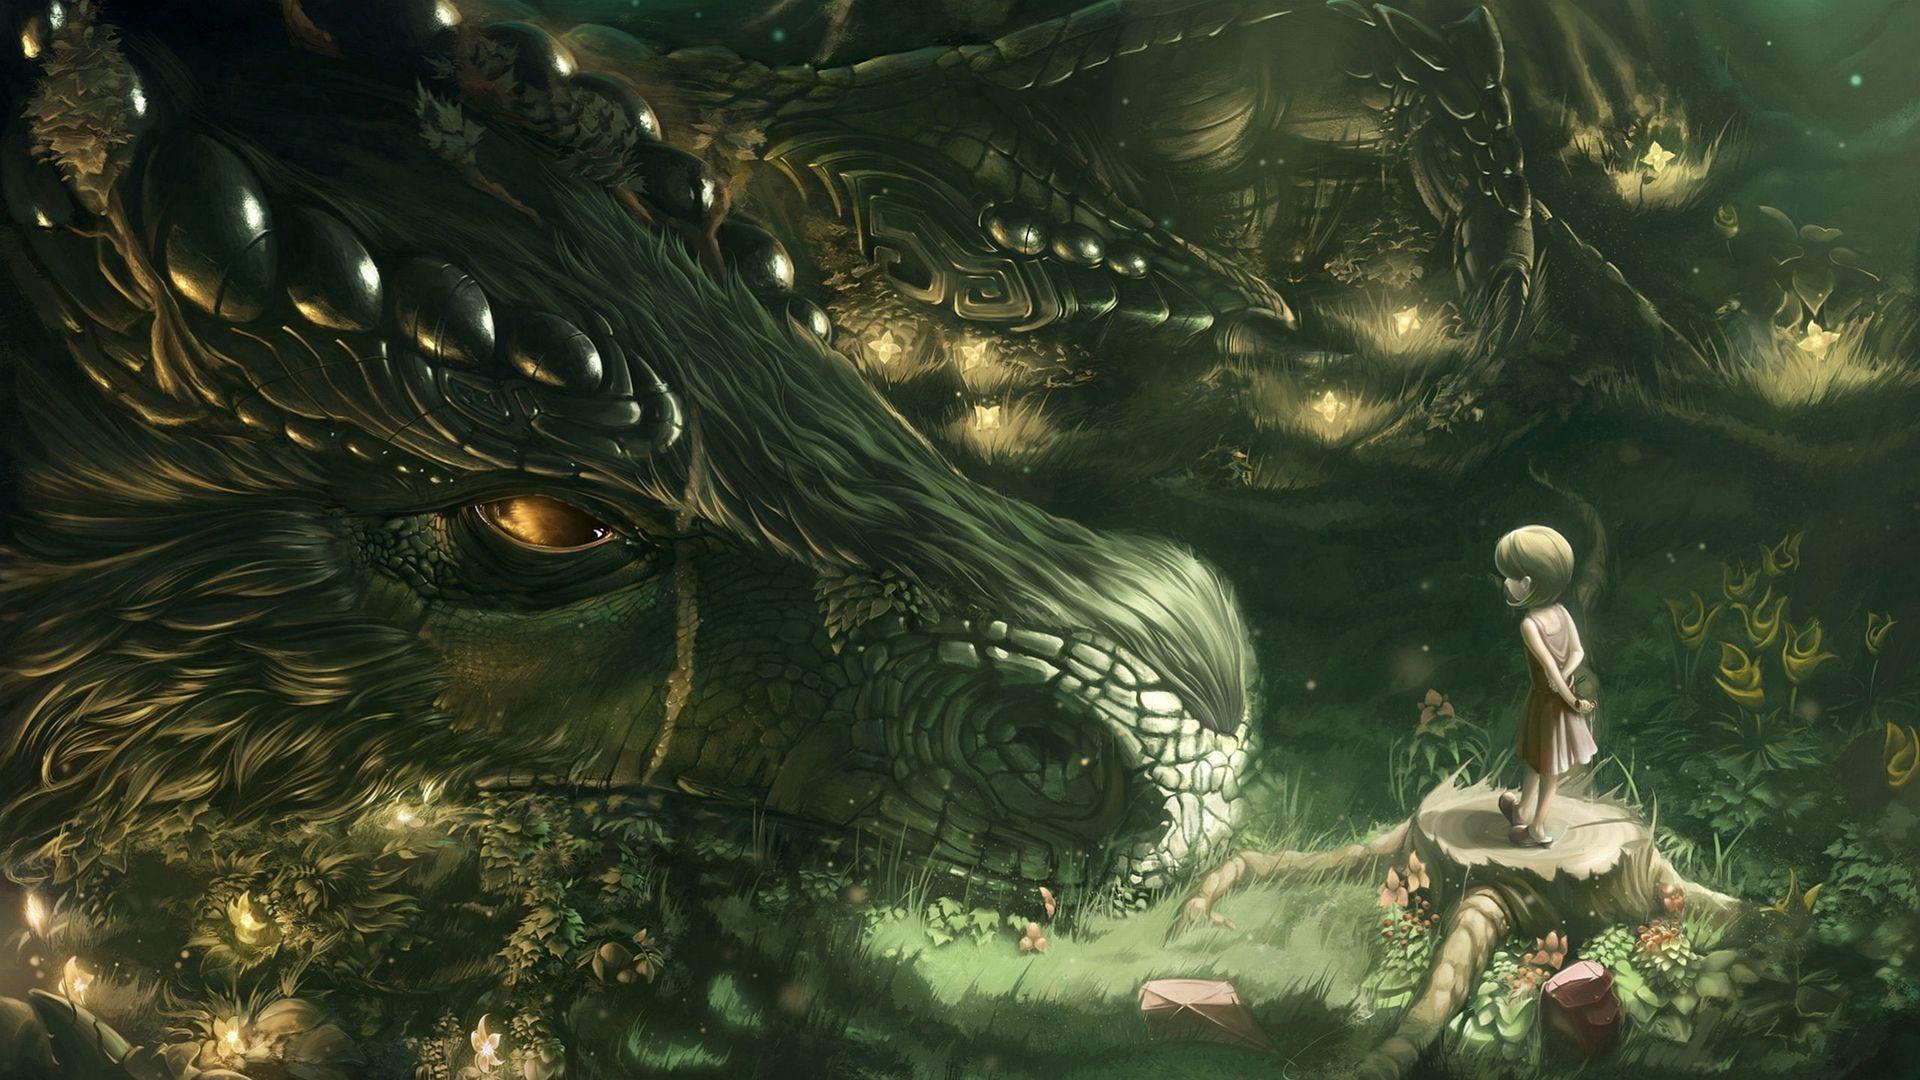 1920x1080 Wallpaper dragon, girl, forest, art